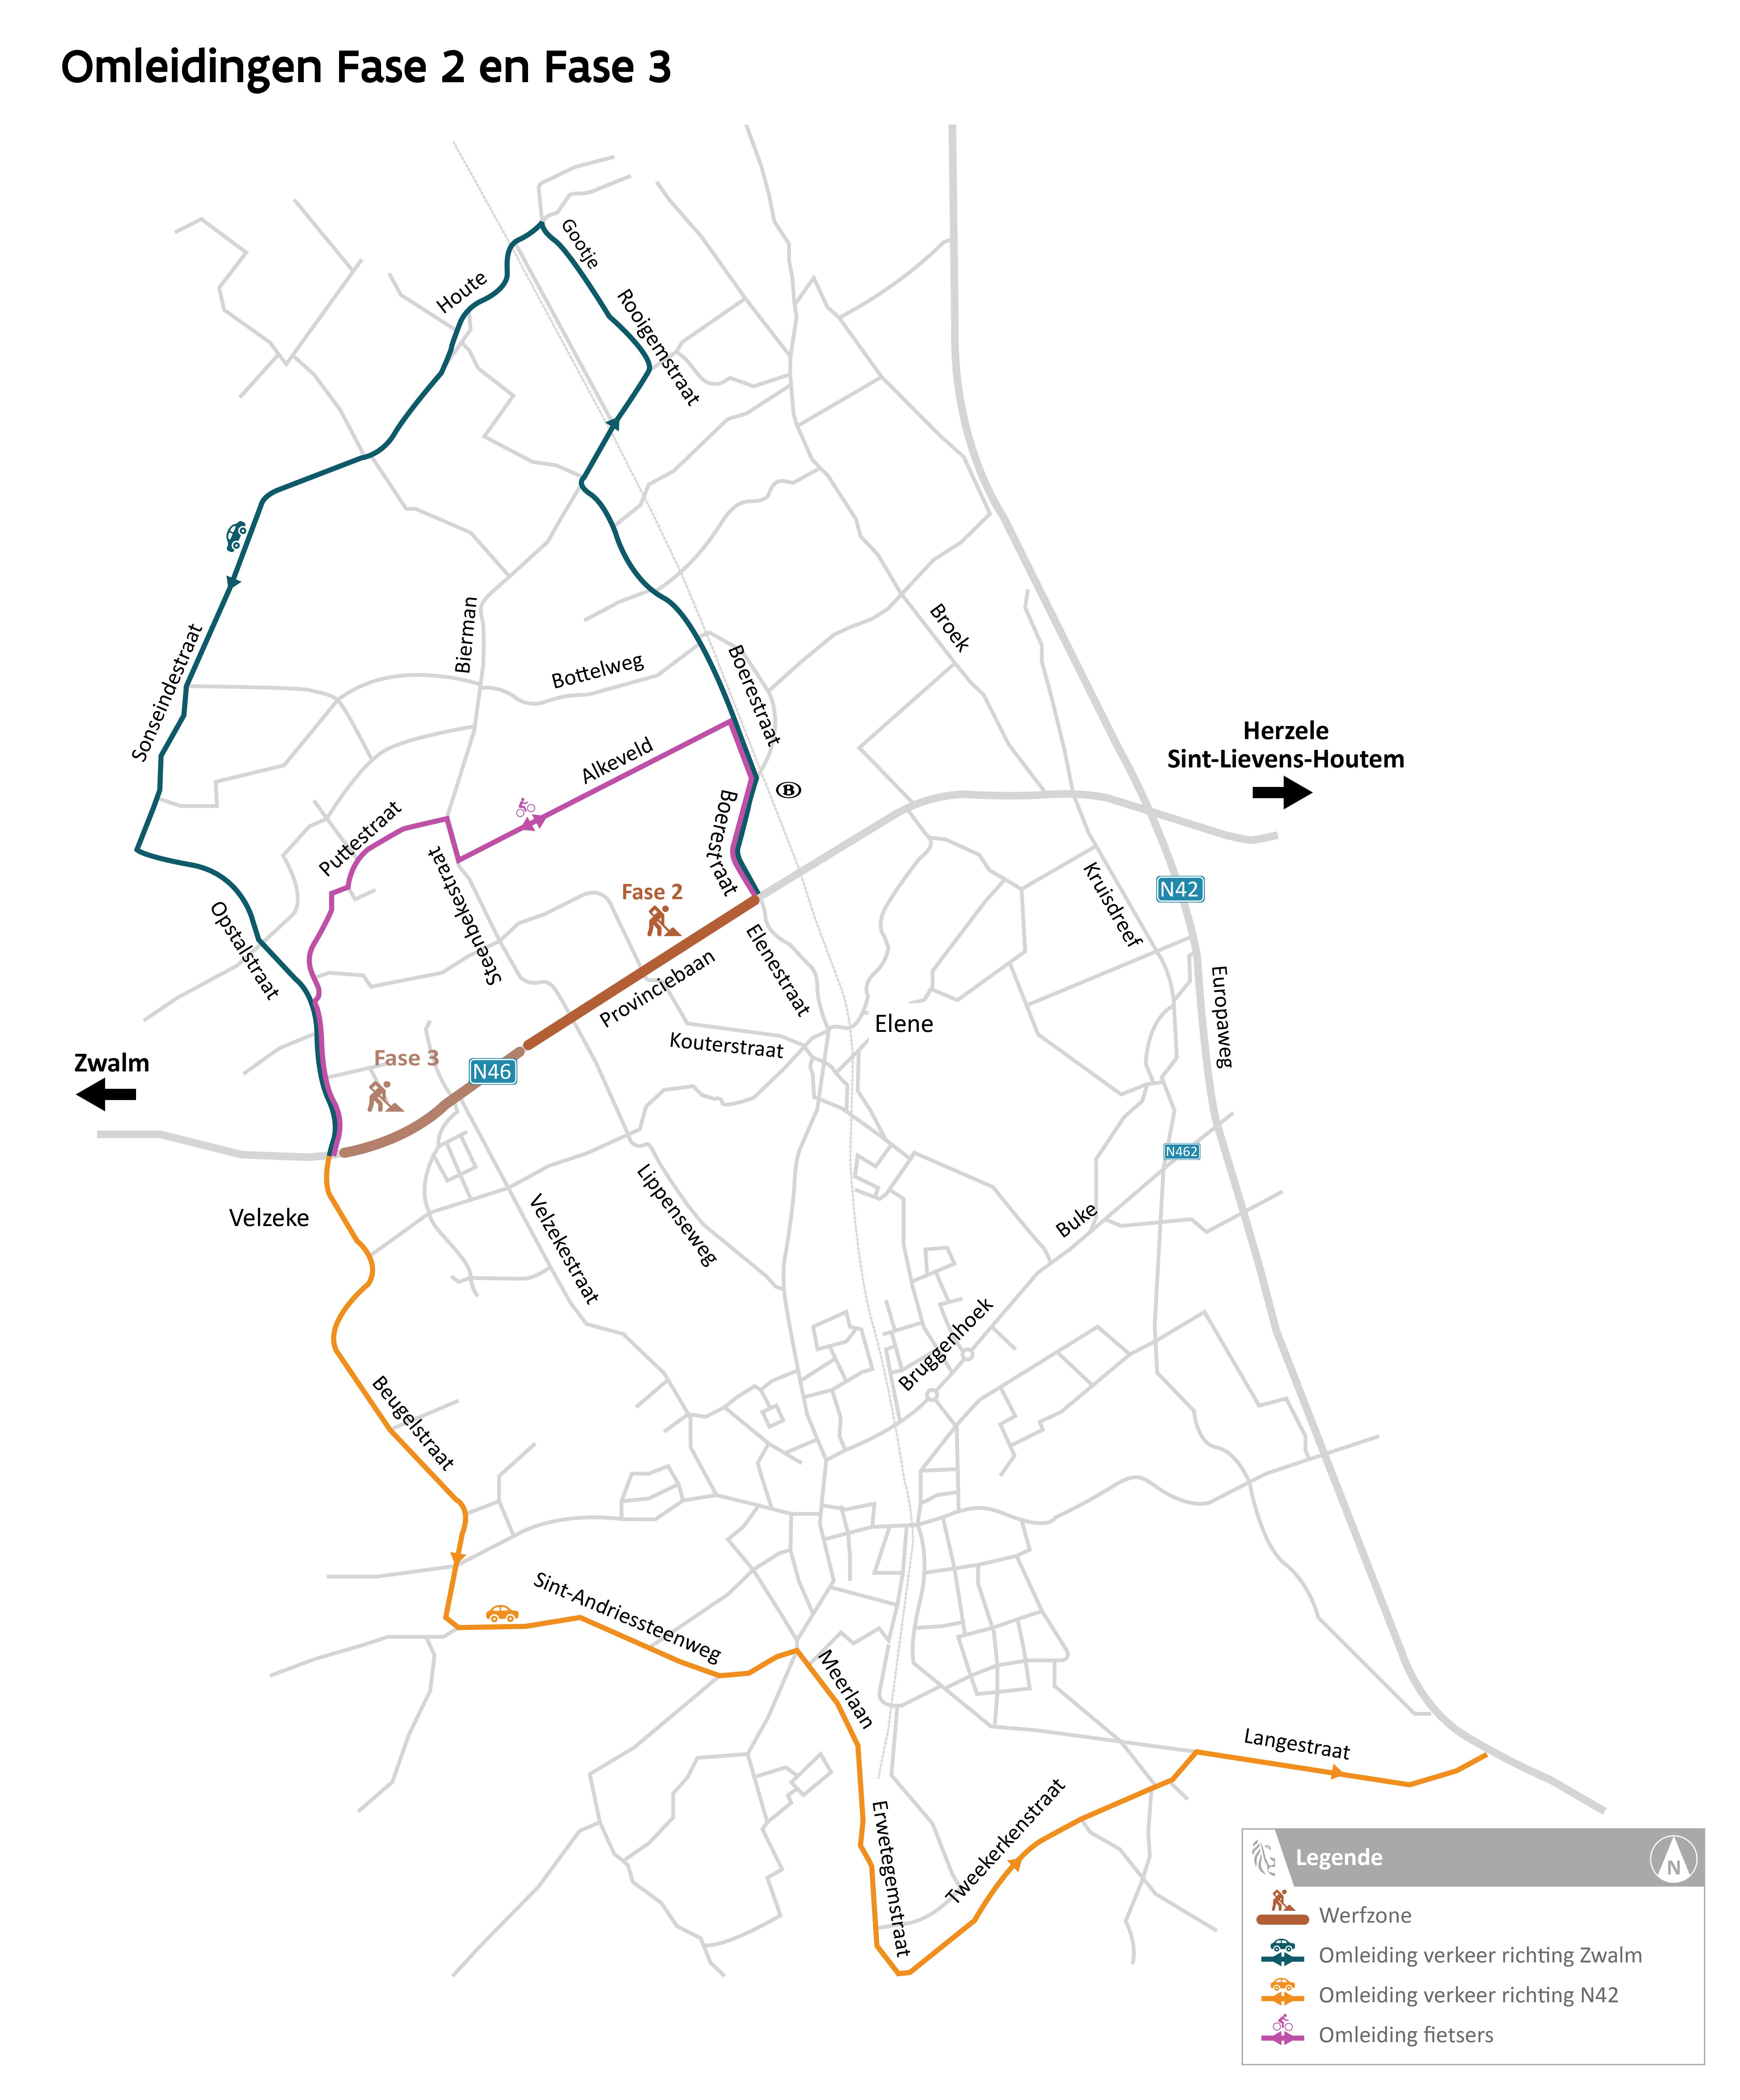 Omleidingskaart Provinciebaan - Fase 2 en 3